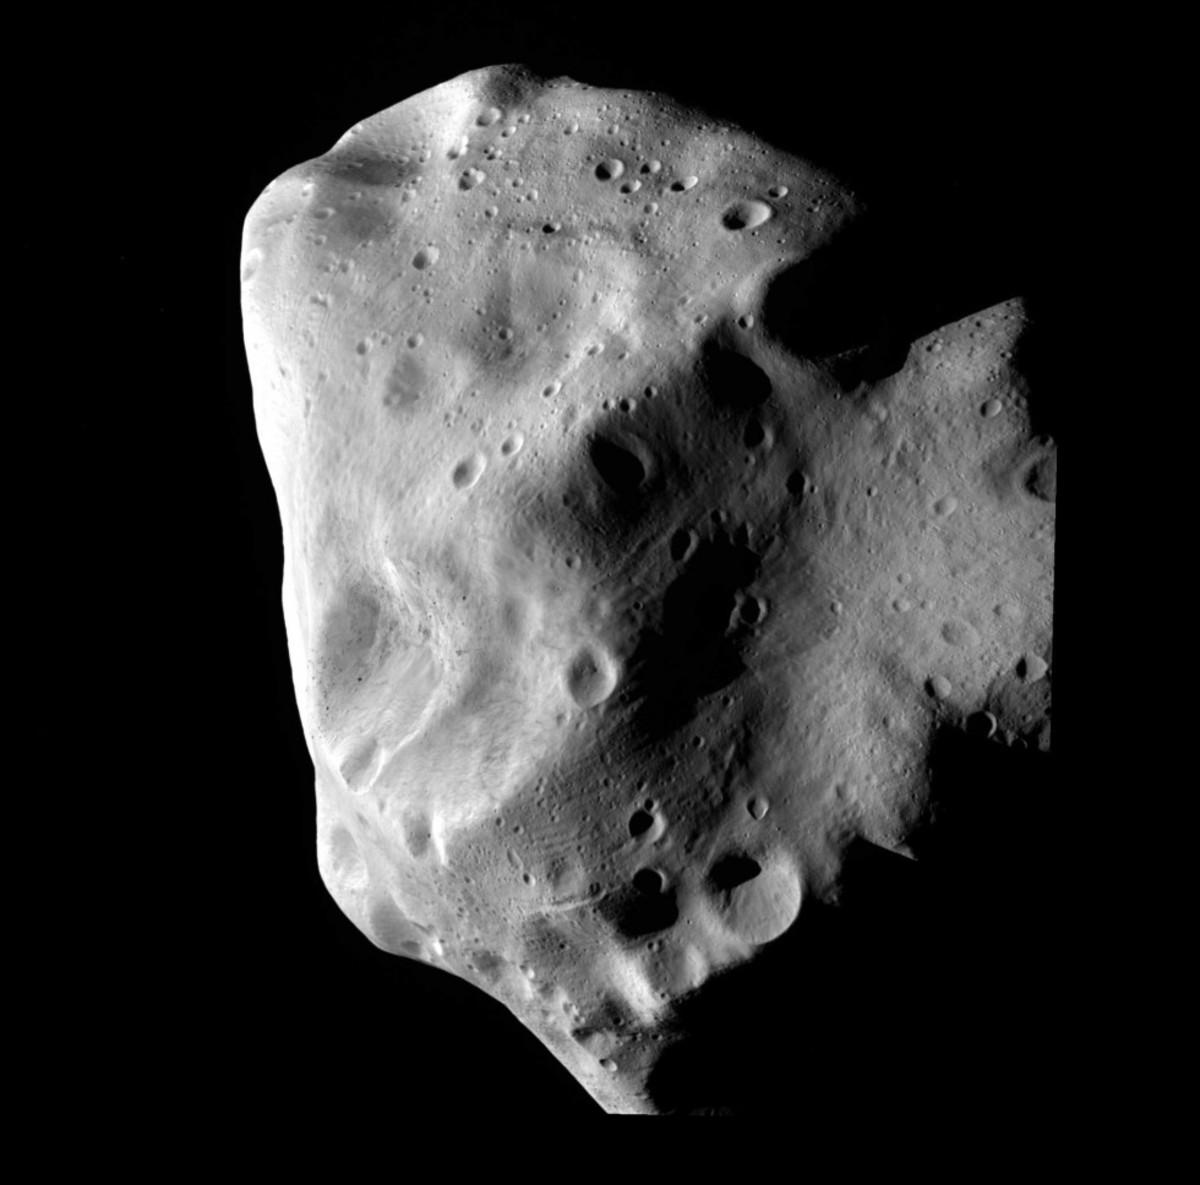 Asteroid Lutetia.